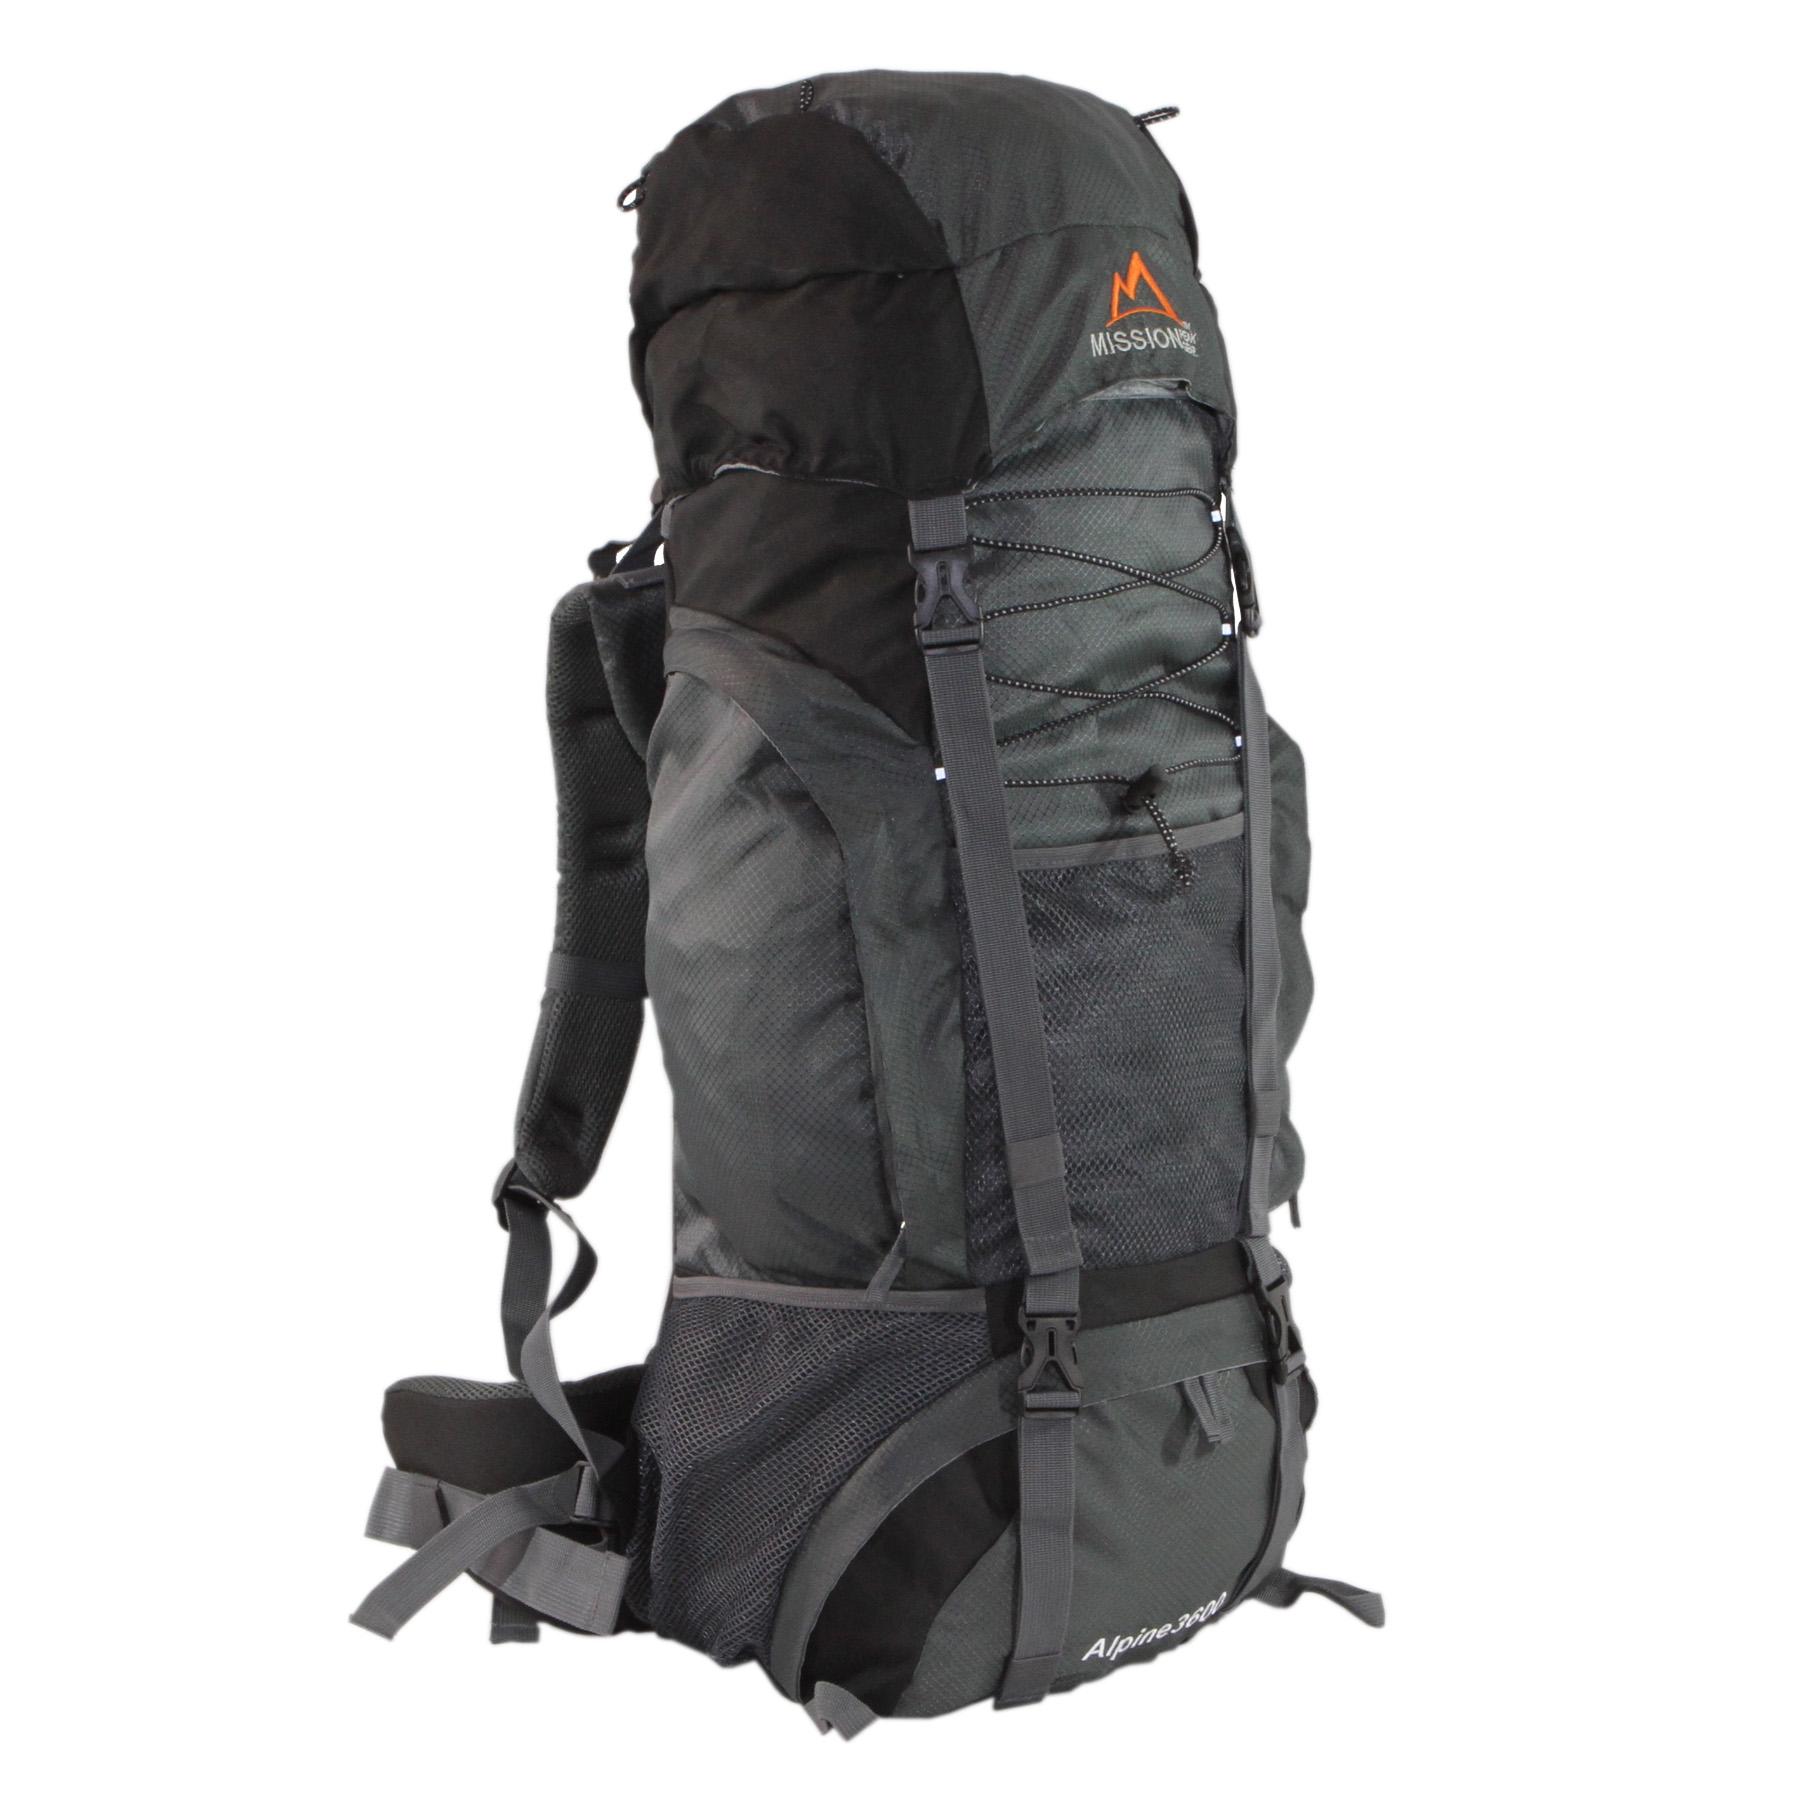 alpine3600-02